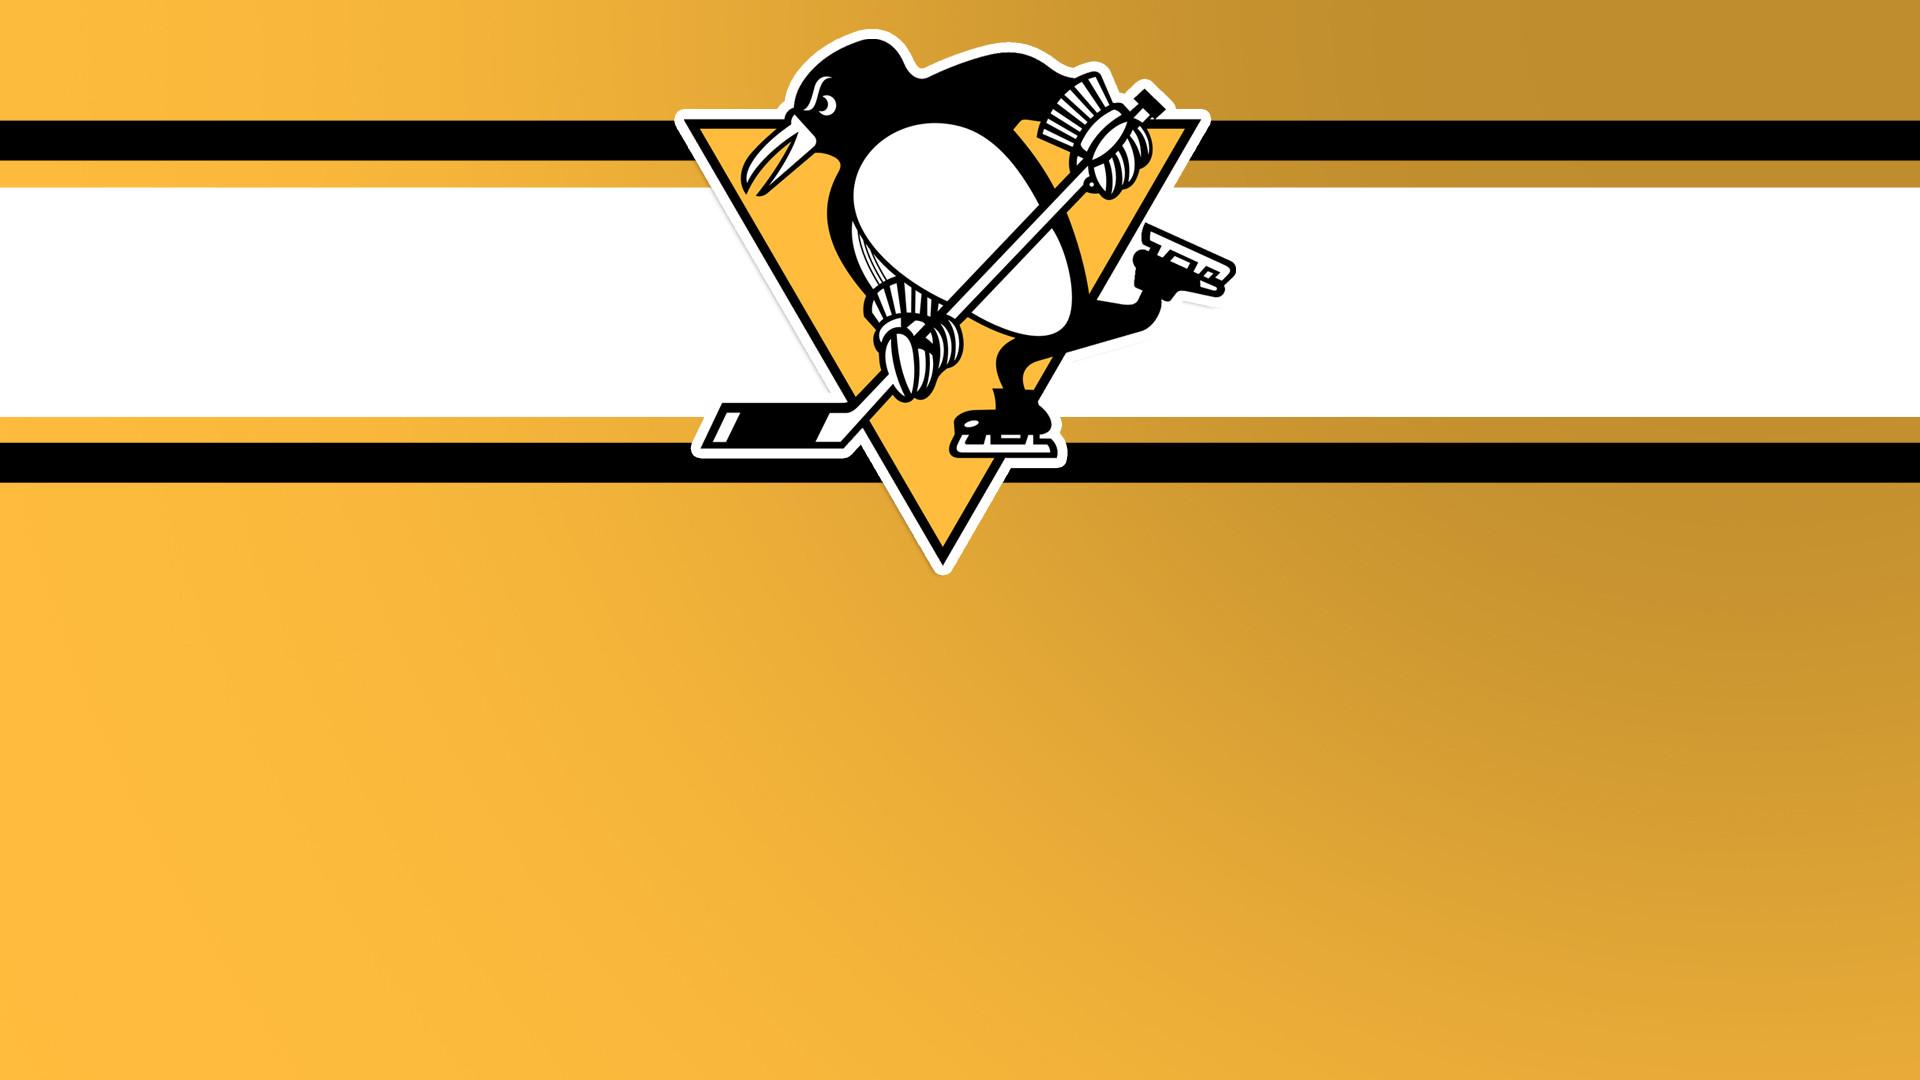 также картинки питтсбург пингвинз на телефон новый год наставит